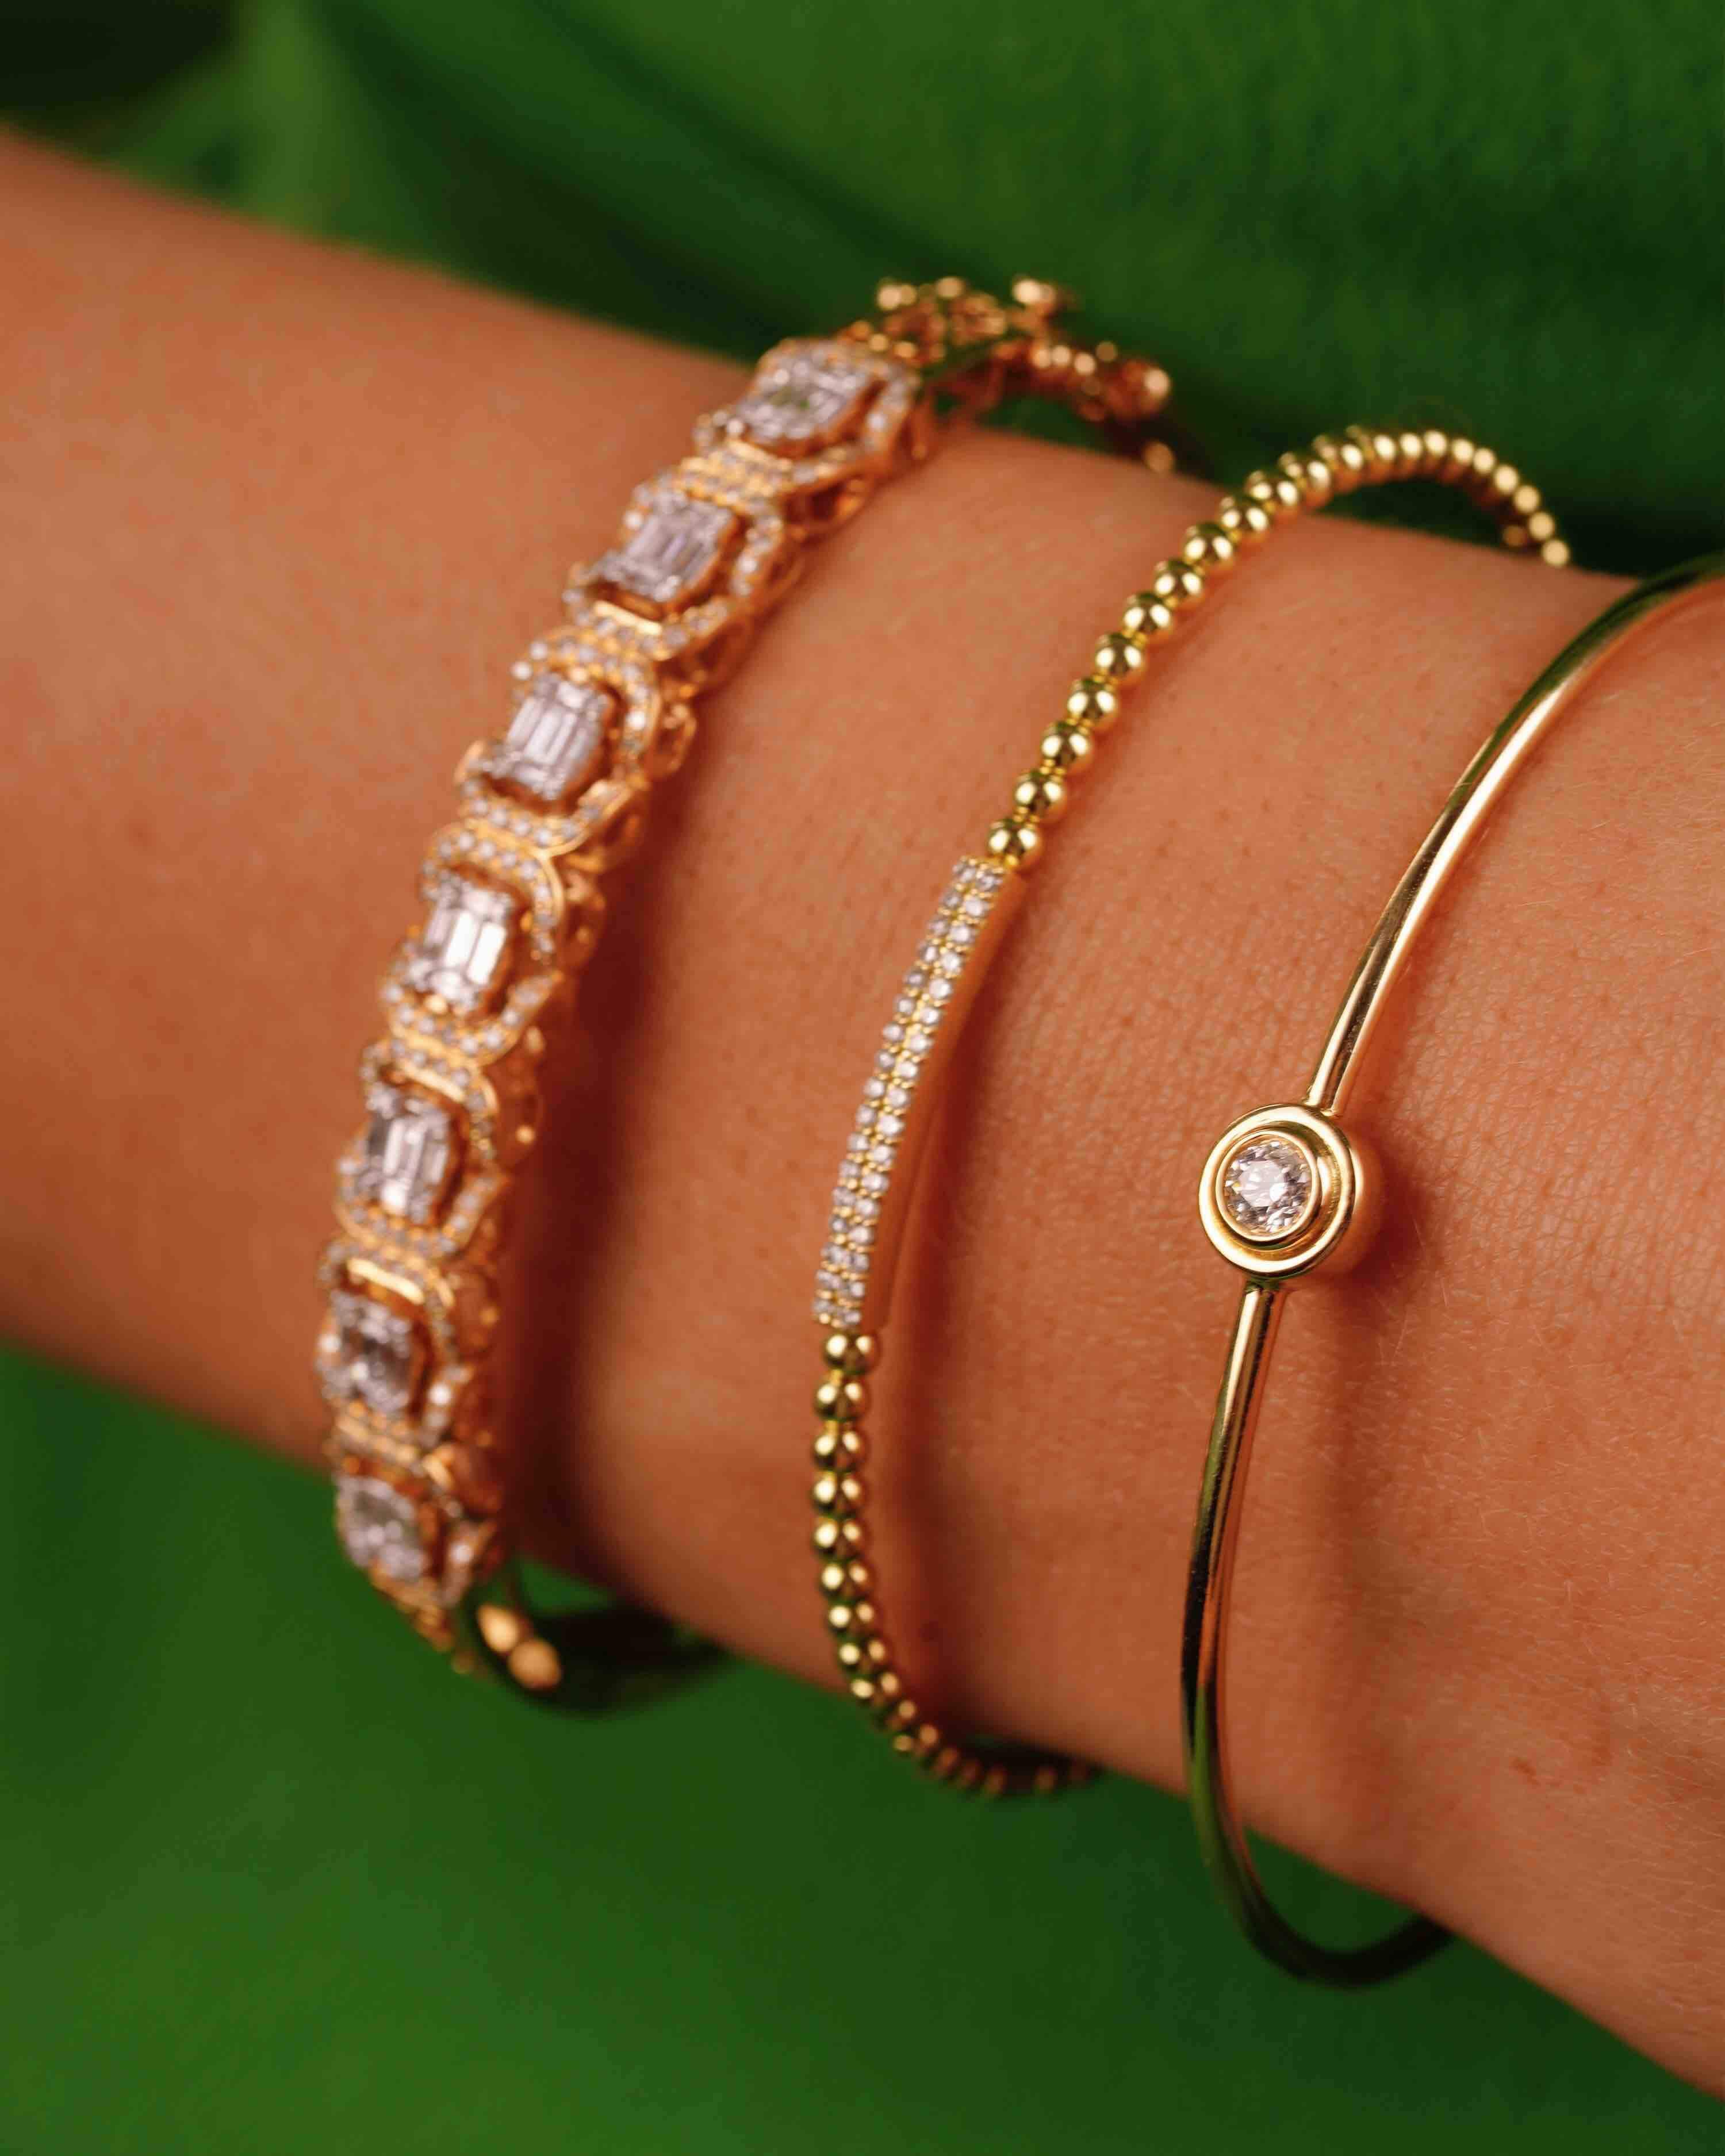 2. aquae jewels 1